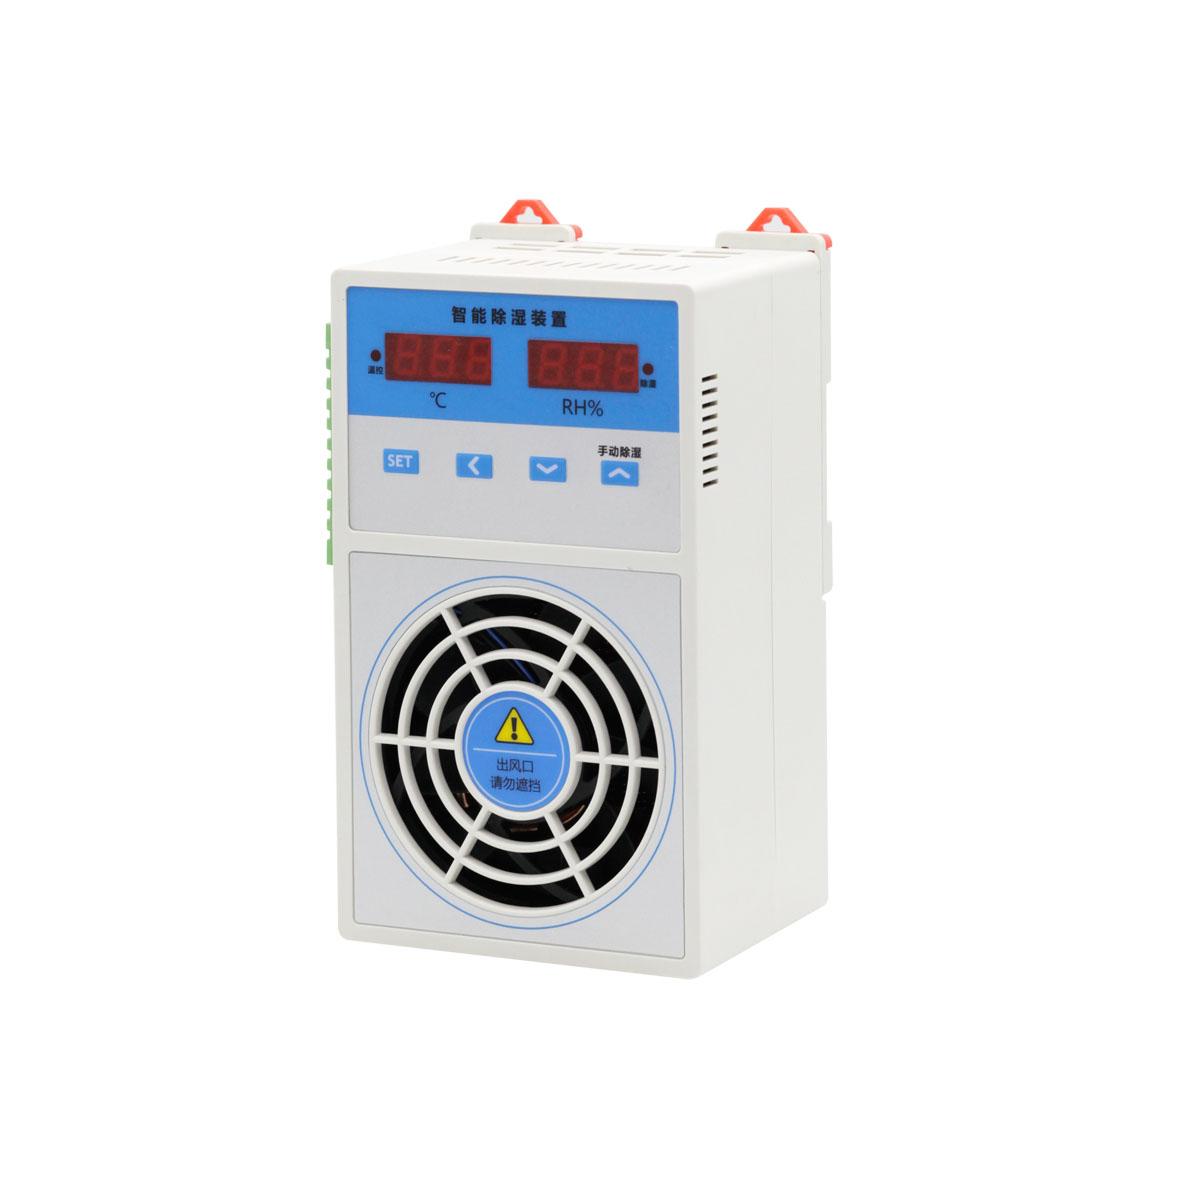 新闻闸北ZD-8240C品牌除湿器公司